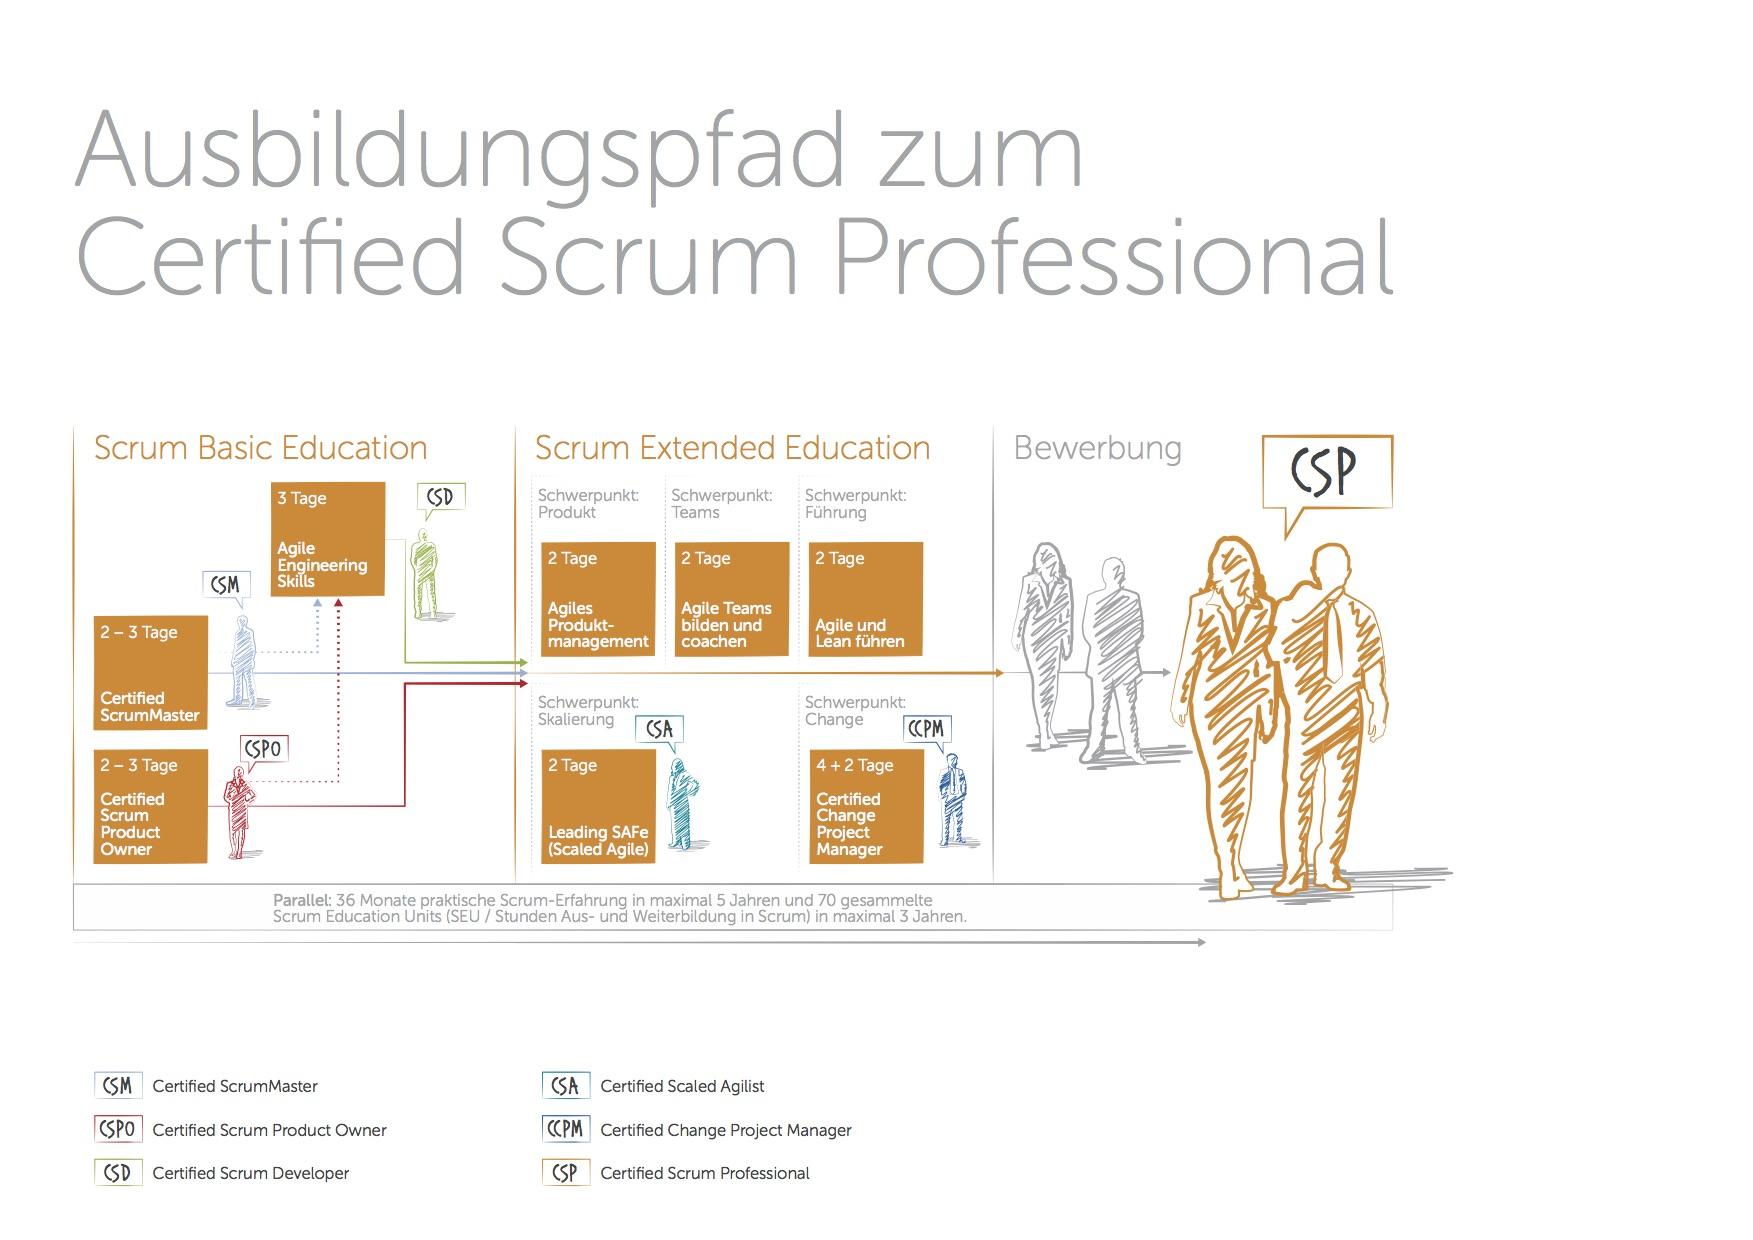 Scrum_Ausbildungspfad